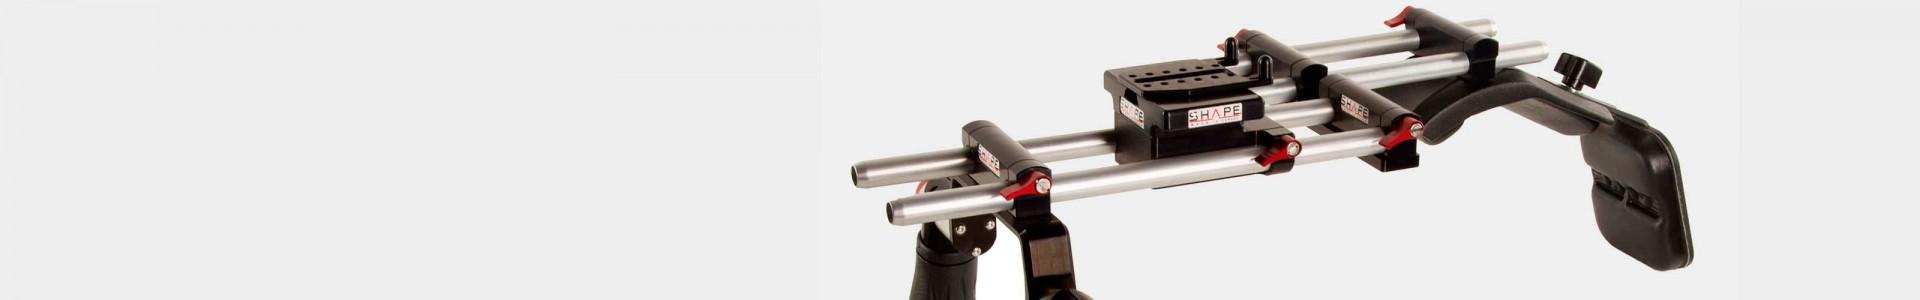 Shape accesorios cámaras profesionales - Avacab distribuidor oficial